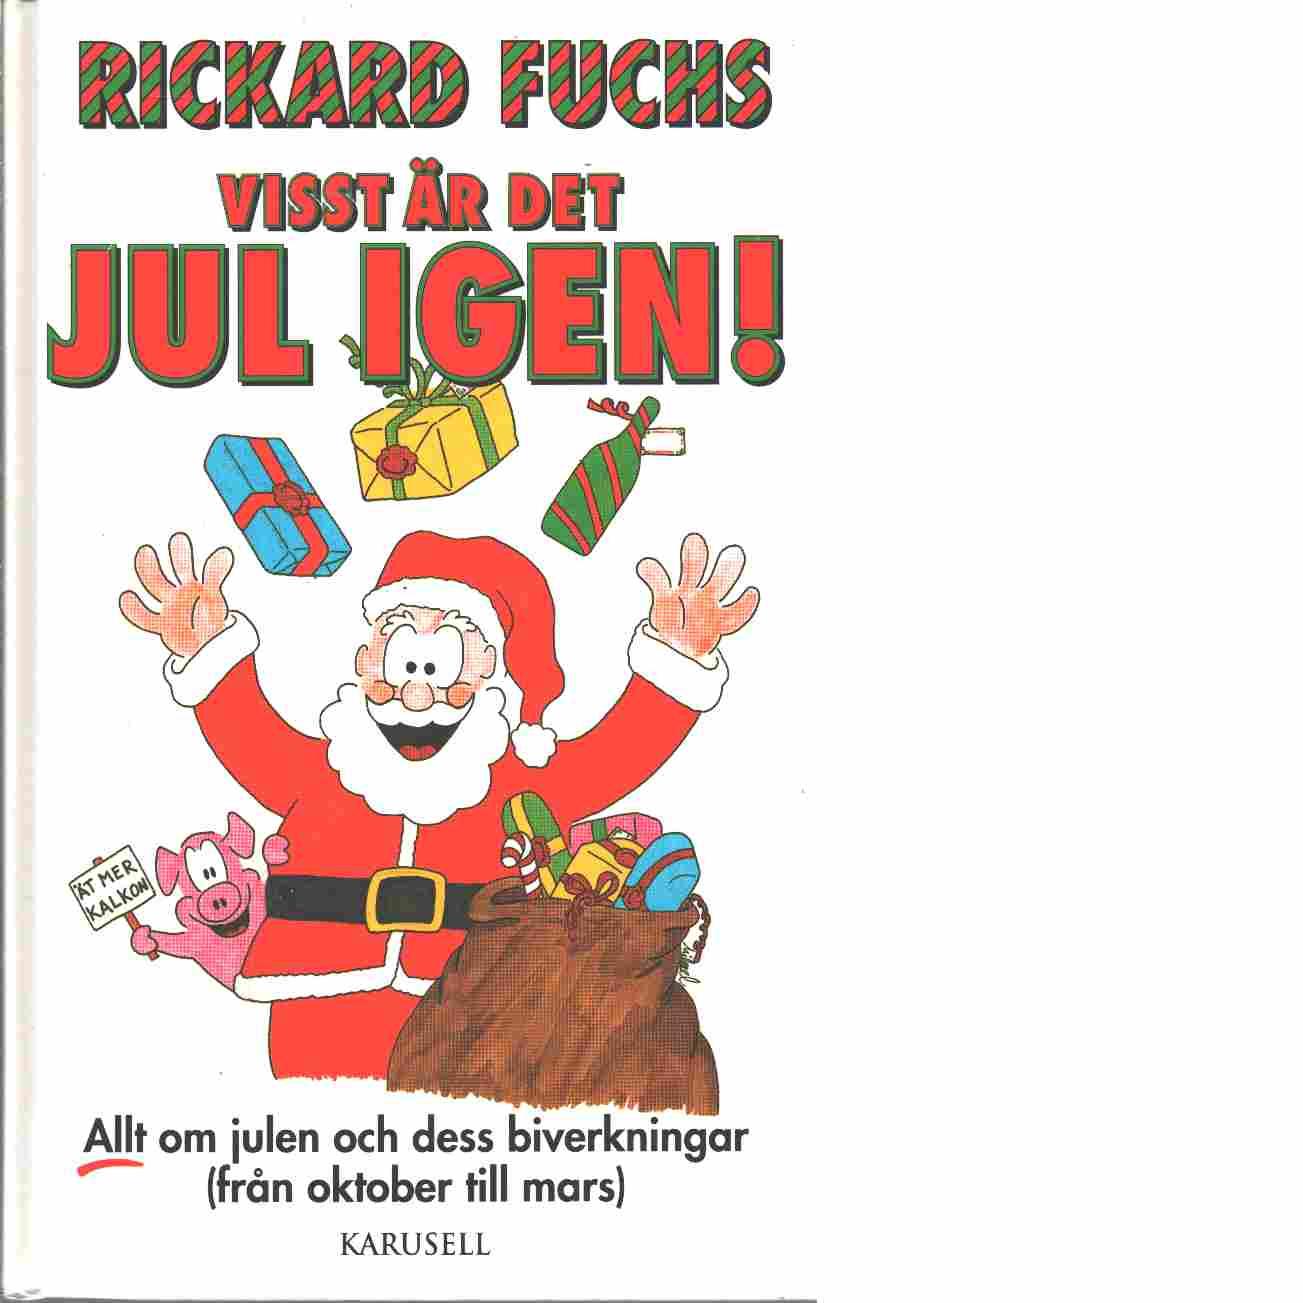 Visst är det jul igen! : [allt om julen och dess biverkningar (från oktober till mars) - Fuchs, Rickard